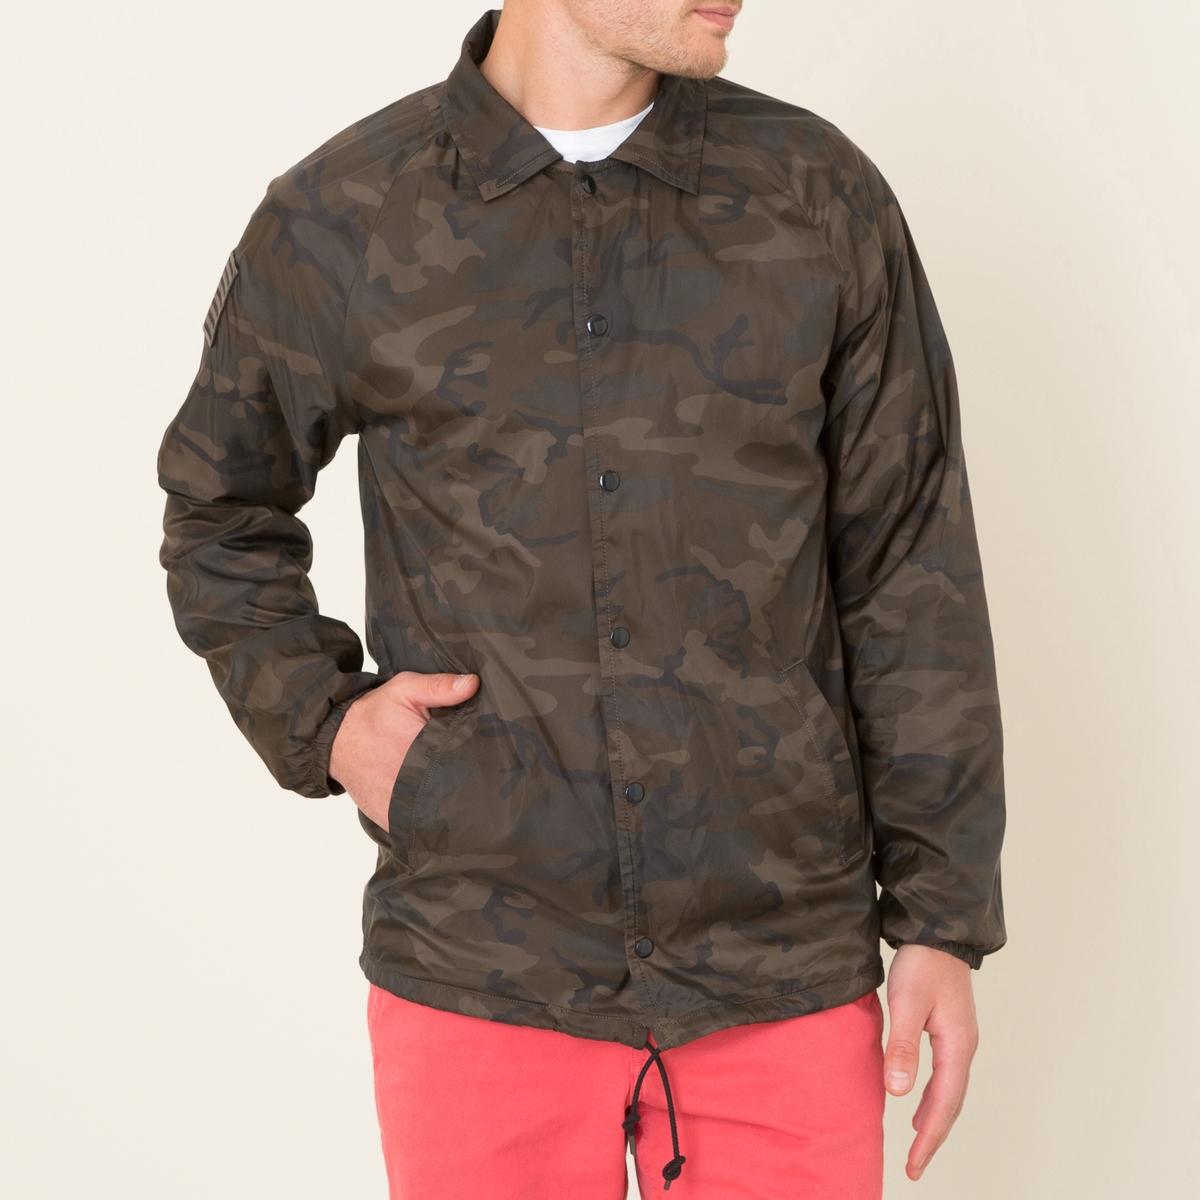 Куртка с камуфляжным рисунком куртка ralph lauren куртки непромокаемые